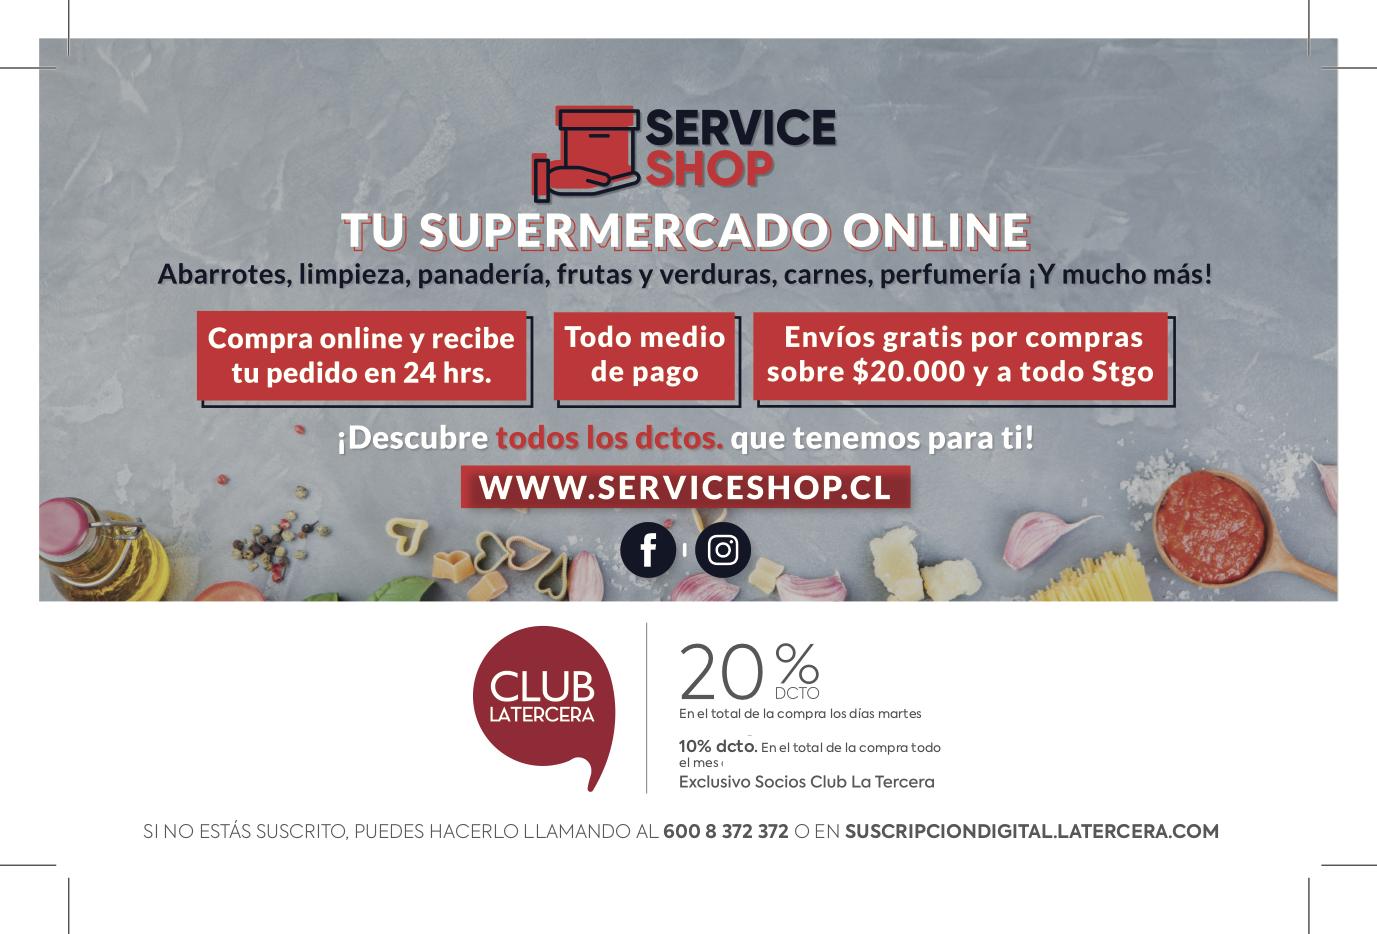 Beneficios Club La Tercera